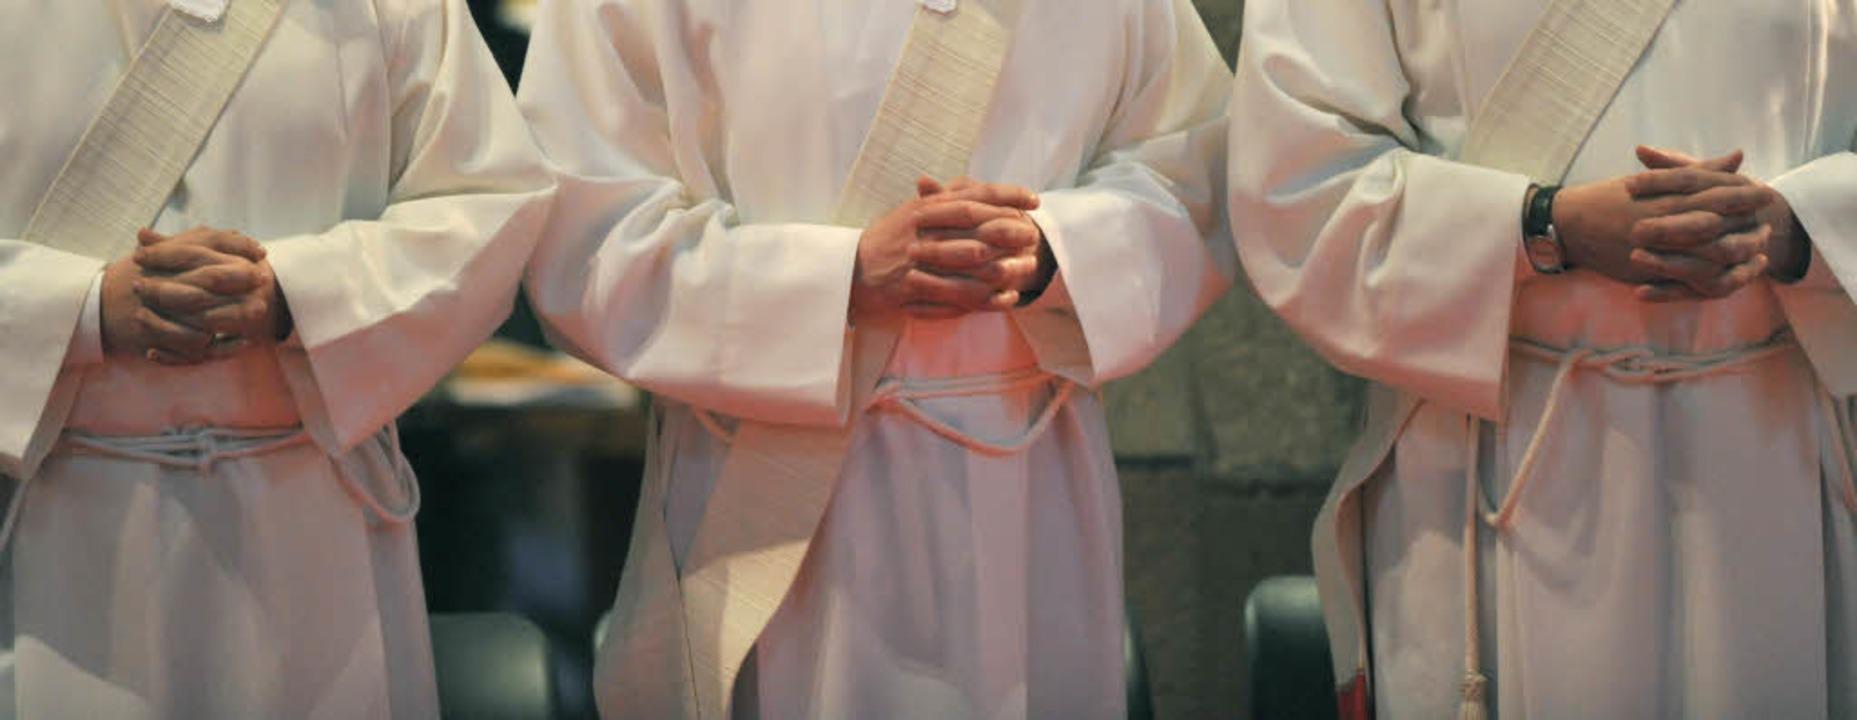 Priester im Erzbistum Freiburg fordern Reformen.  | Foto: dpa